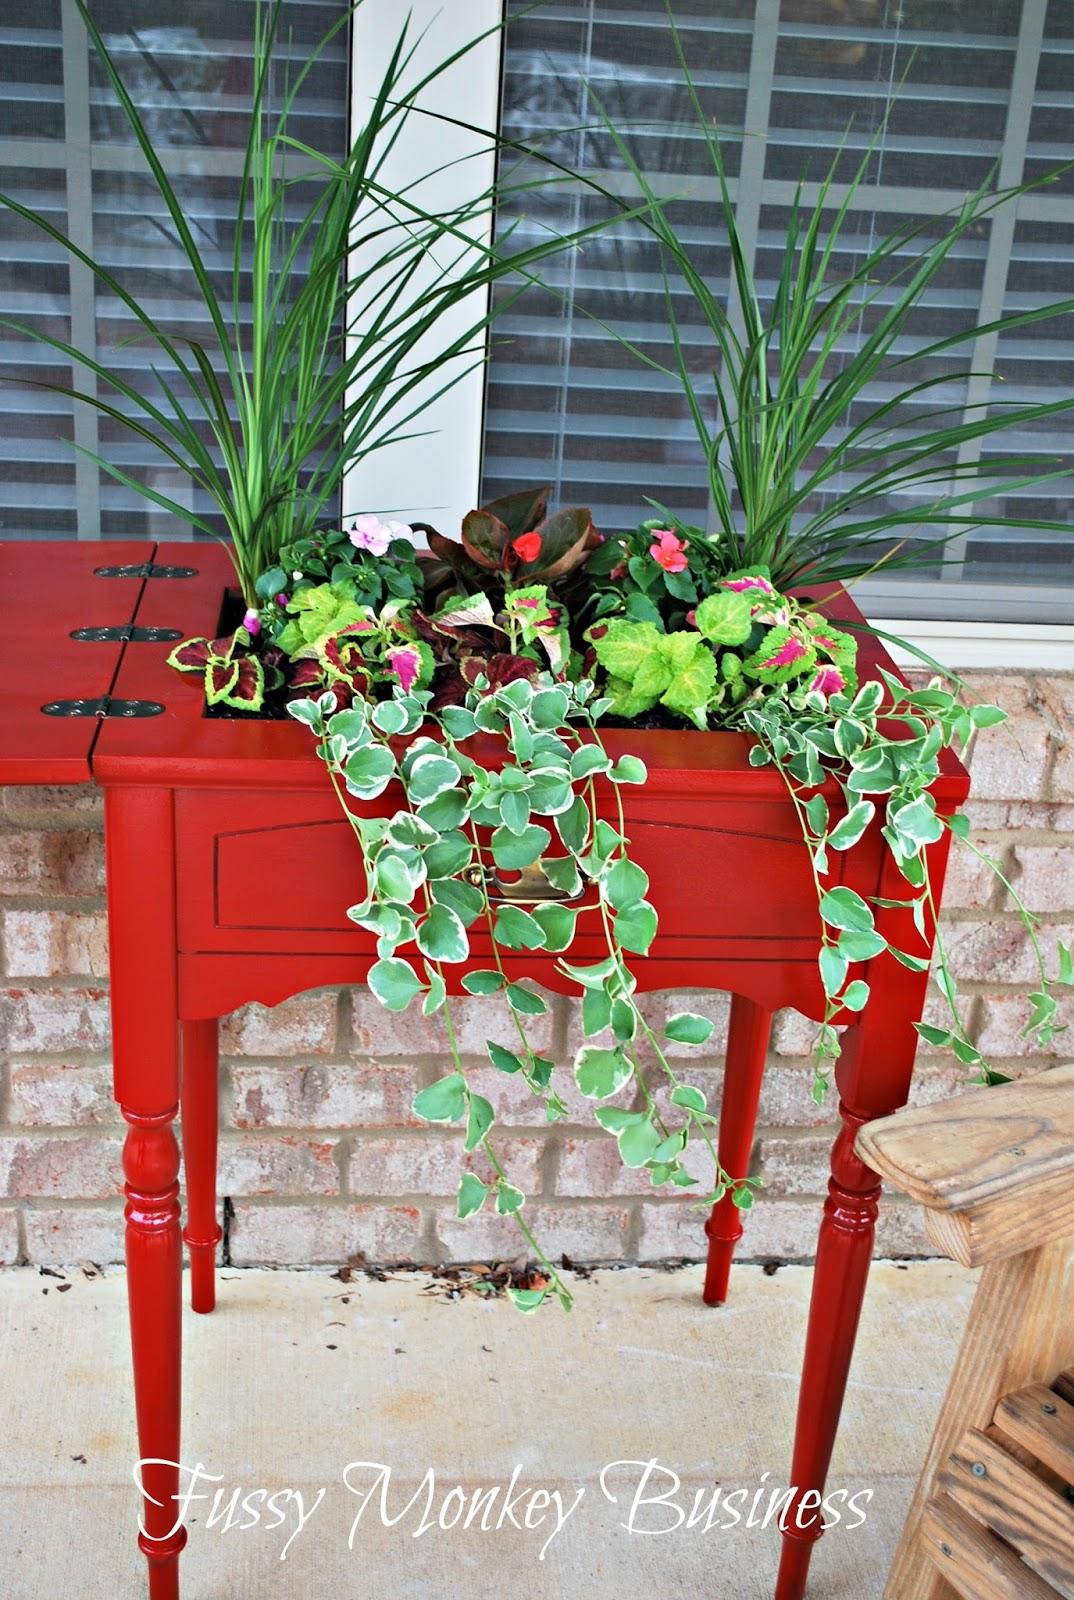 Jardinière d'extérieur Cool Upcycled Table